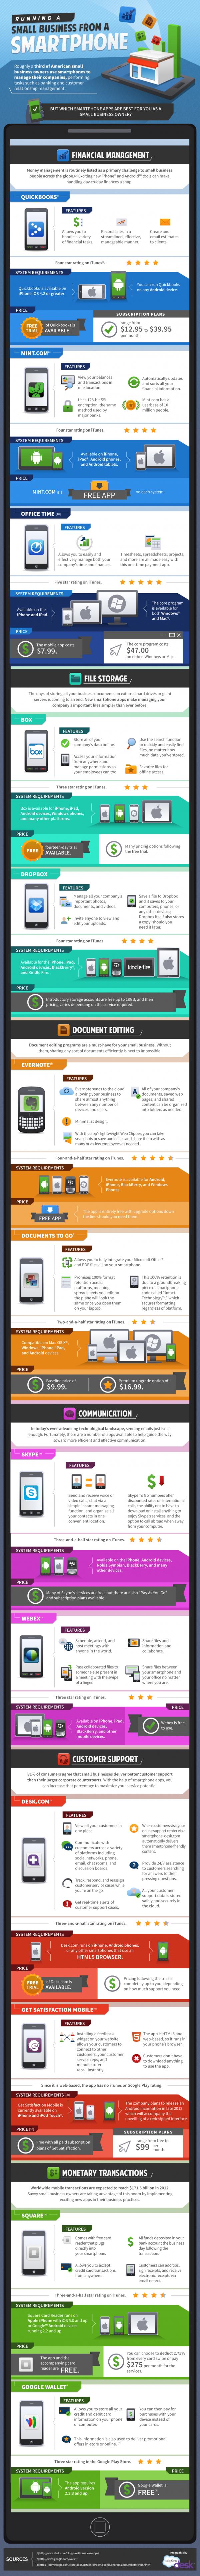 Aplicaciones para gestionar una pequeña empresa desde un smartphone o tableta.